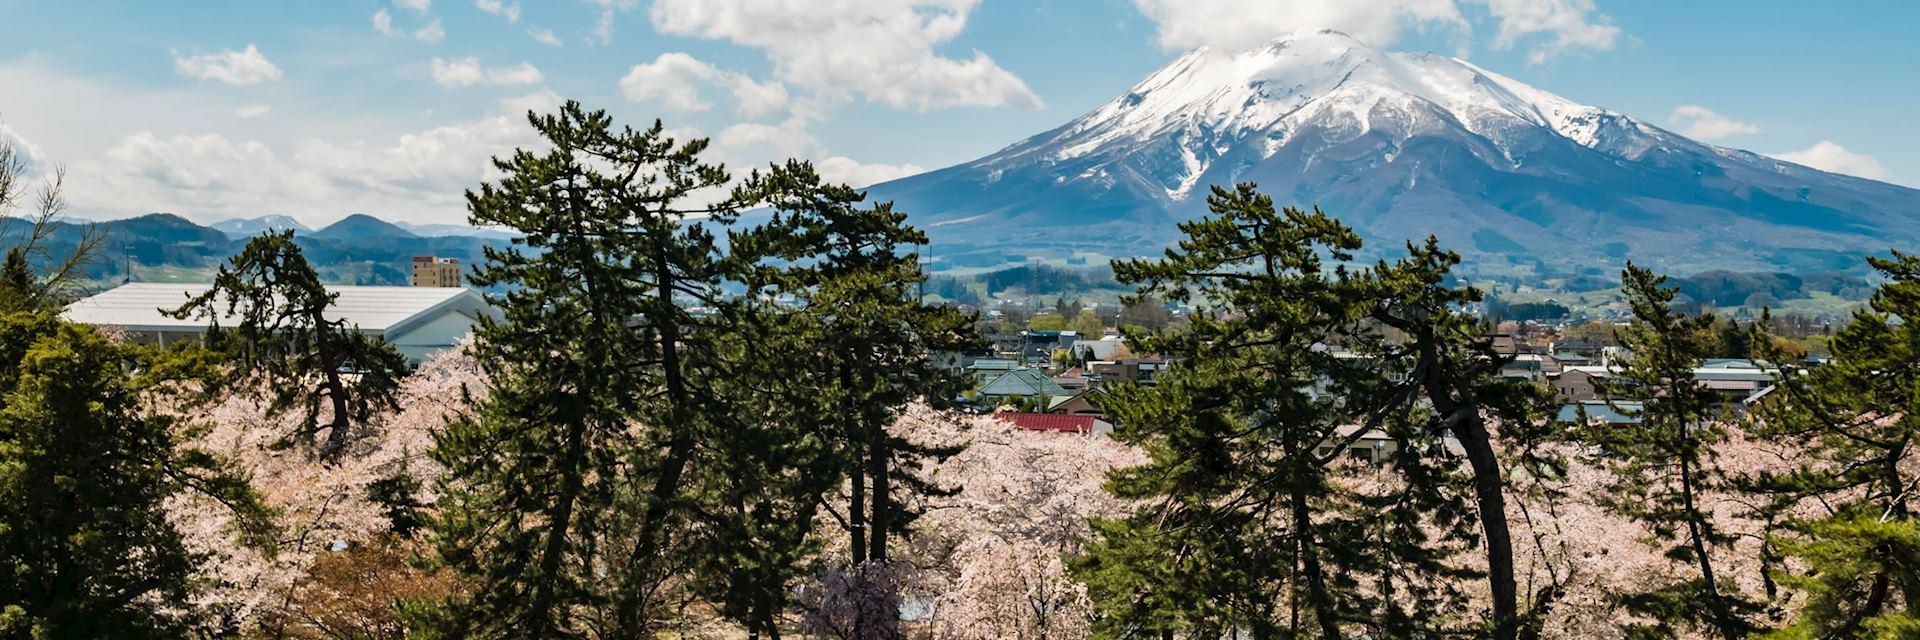 Mount Iwaki, Tohoku